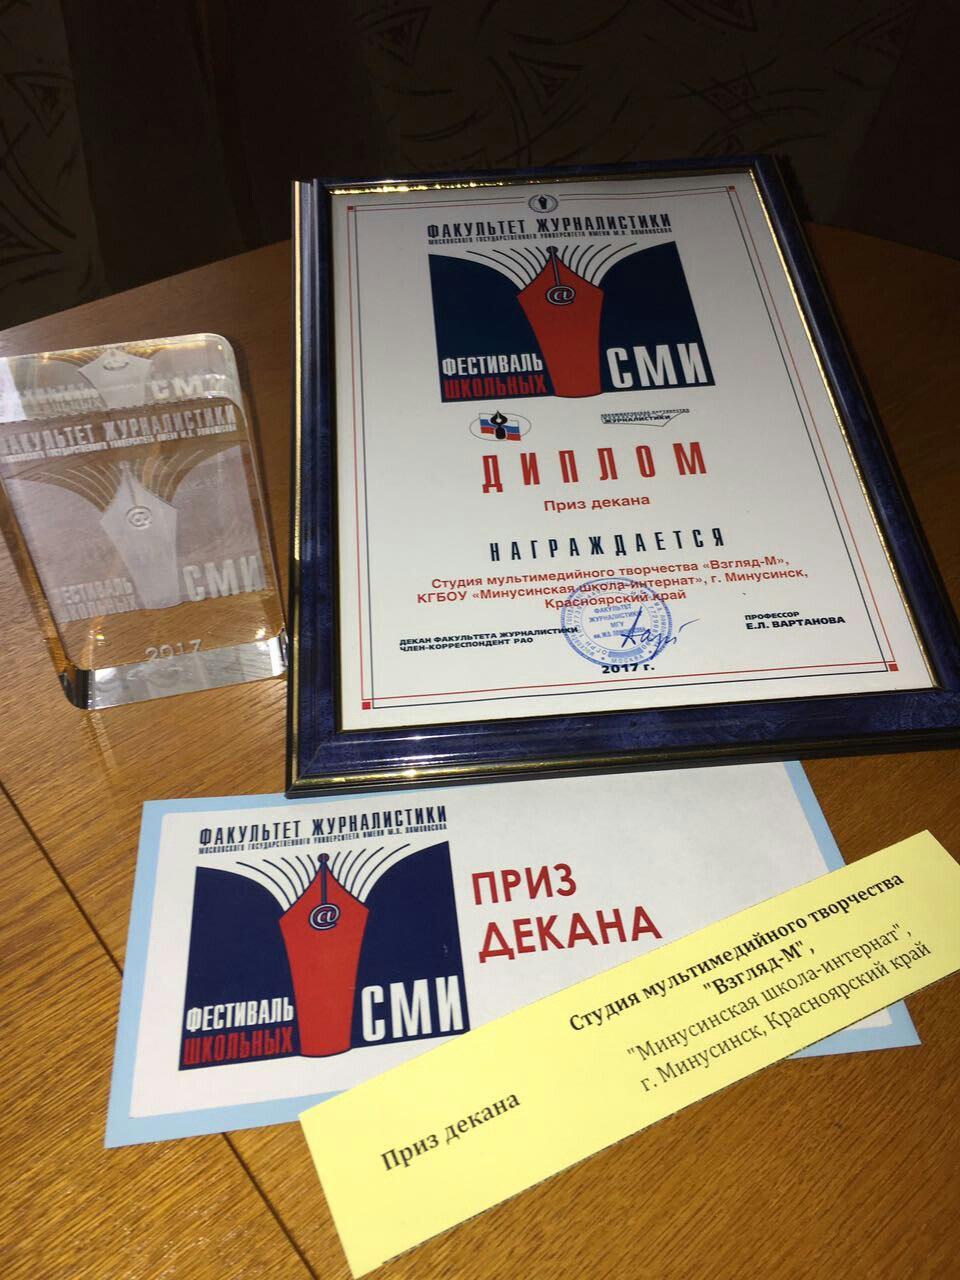 Всероссийском конкурсе патриотической песни я люблю тебя россия